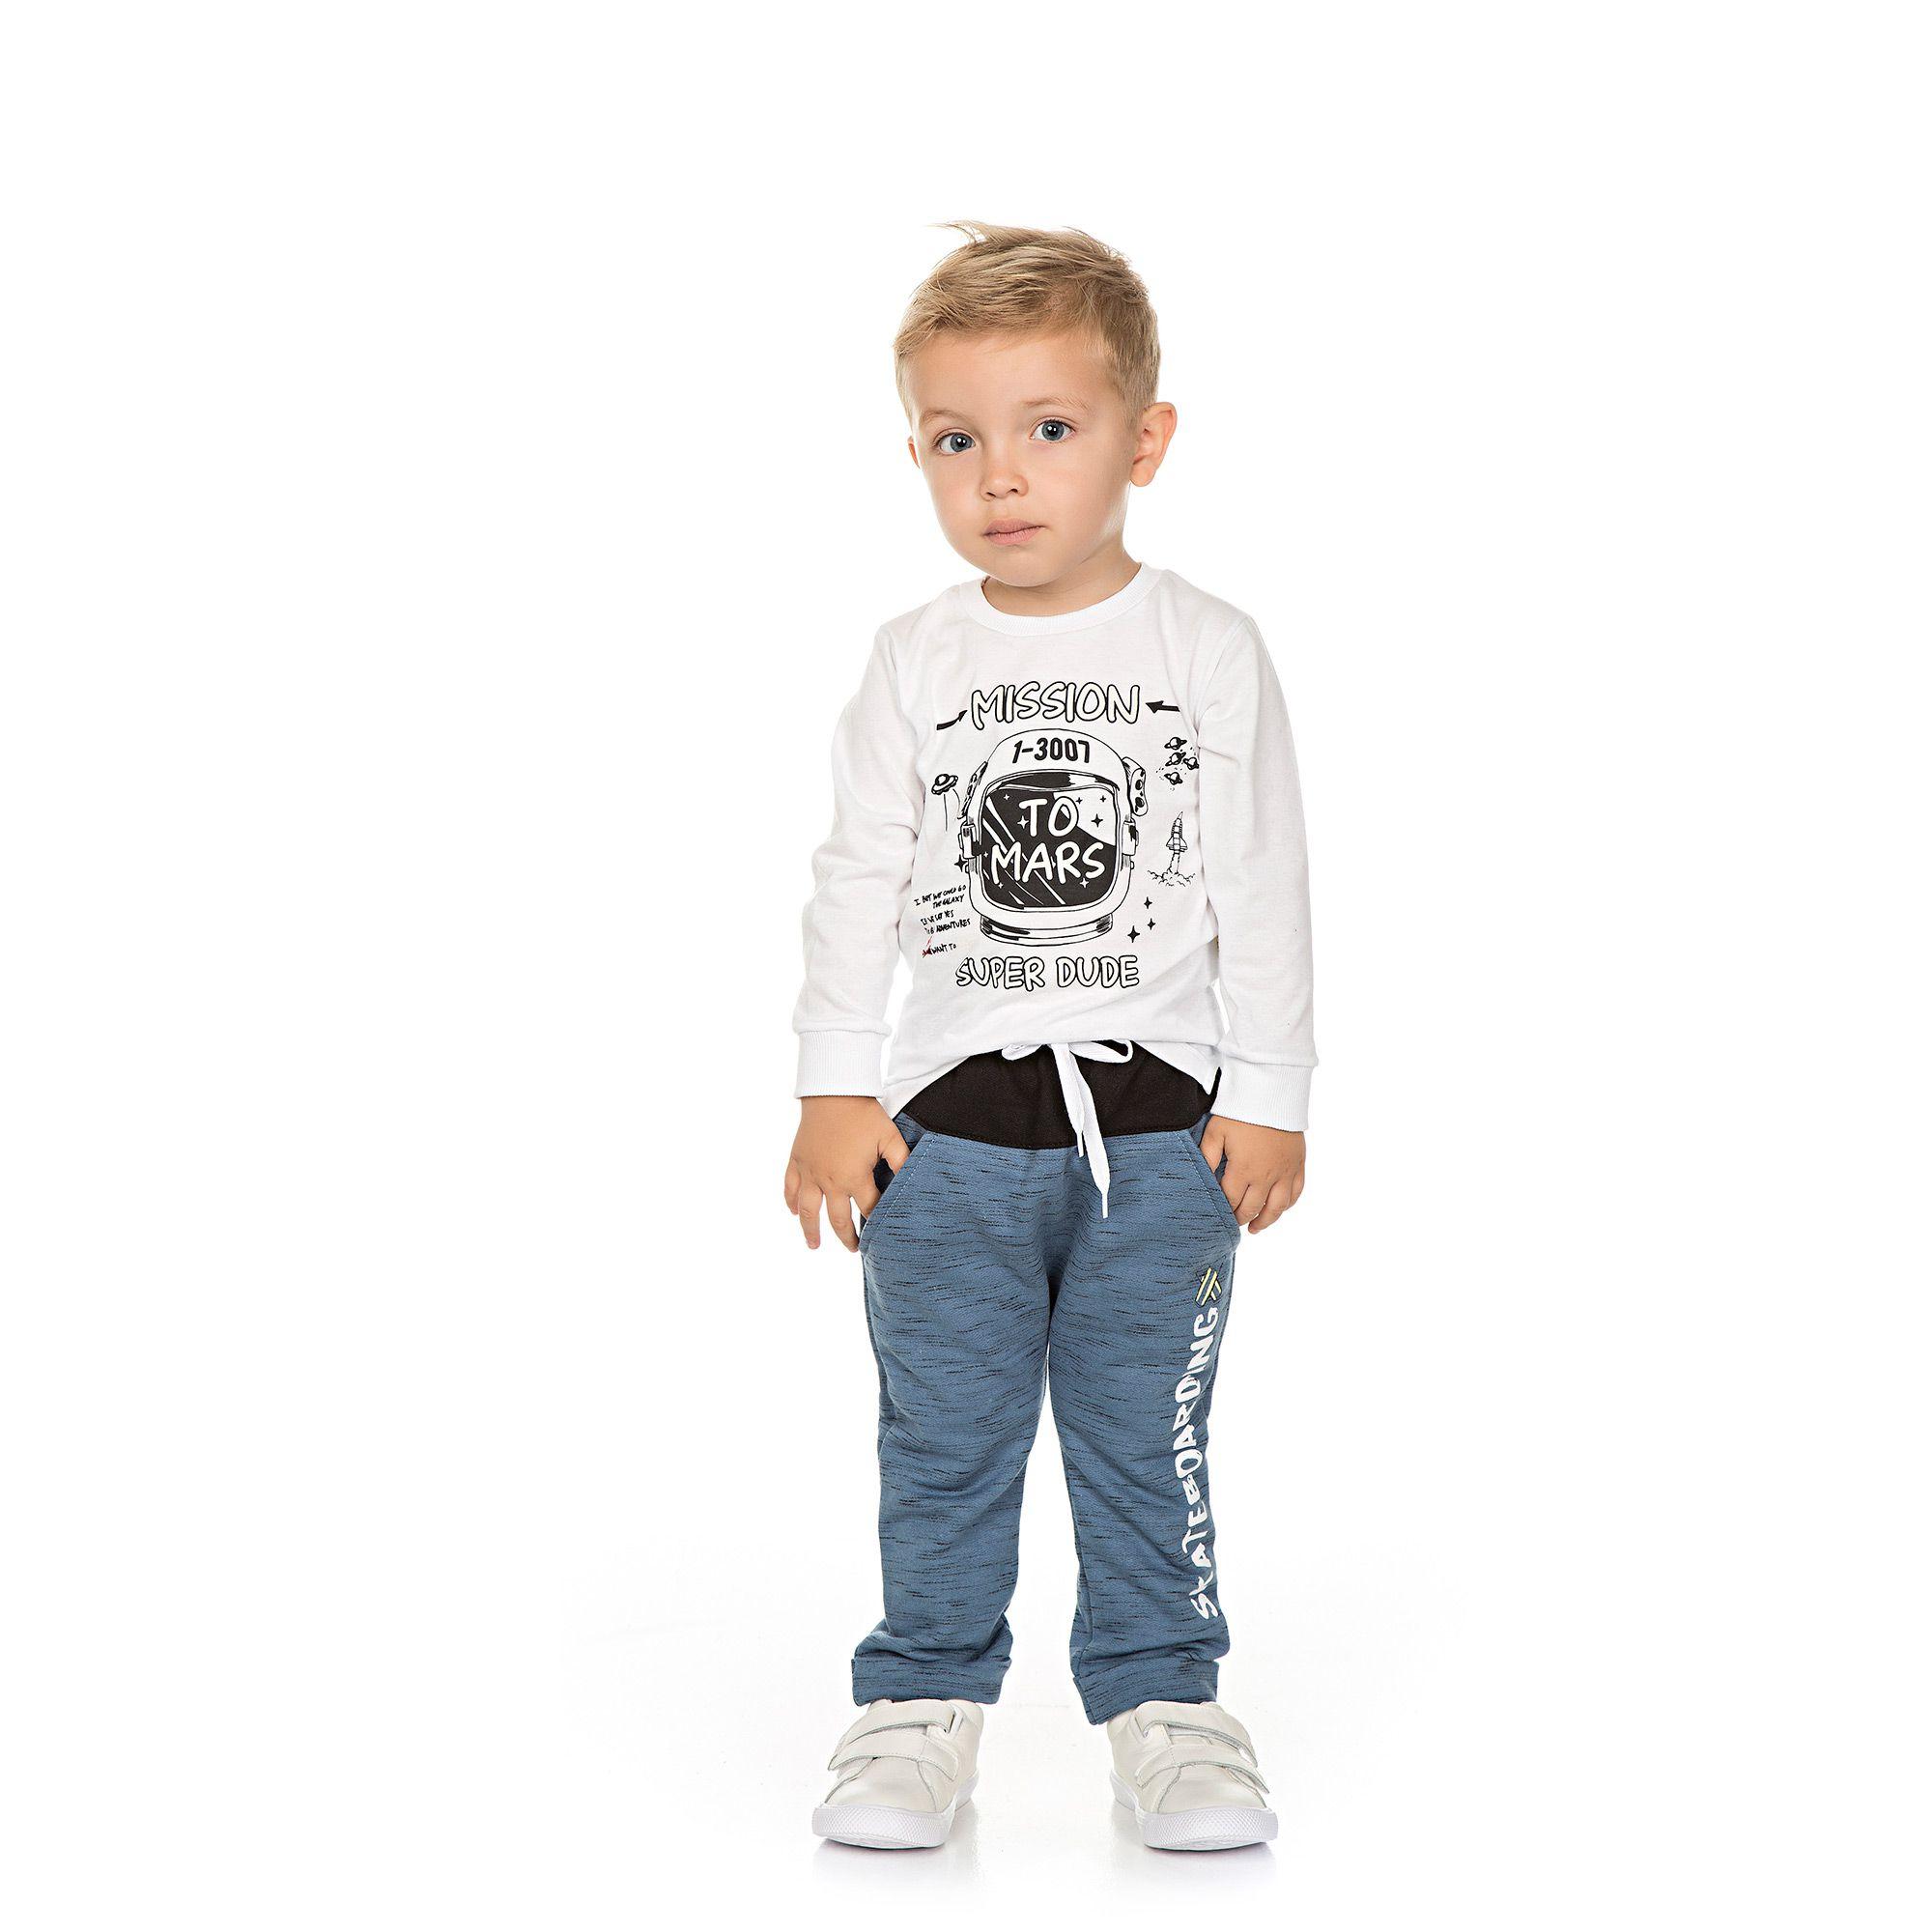 Calça Infantil Masculina - Ref 4983 - Diadema